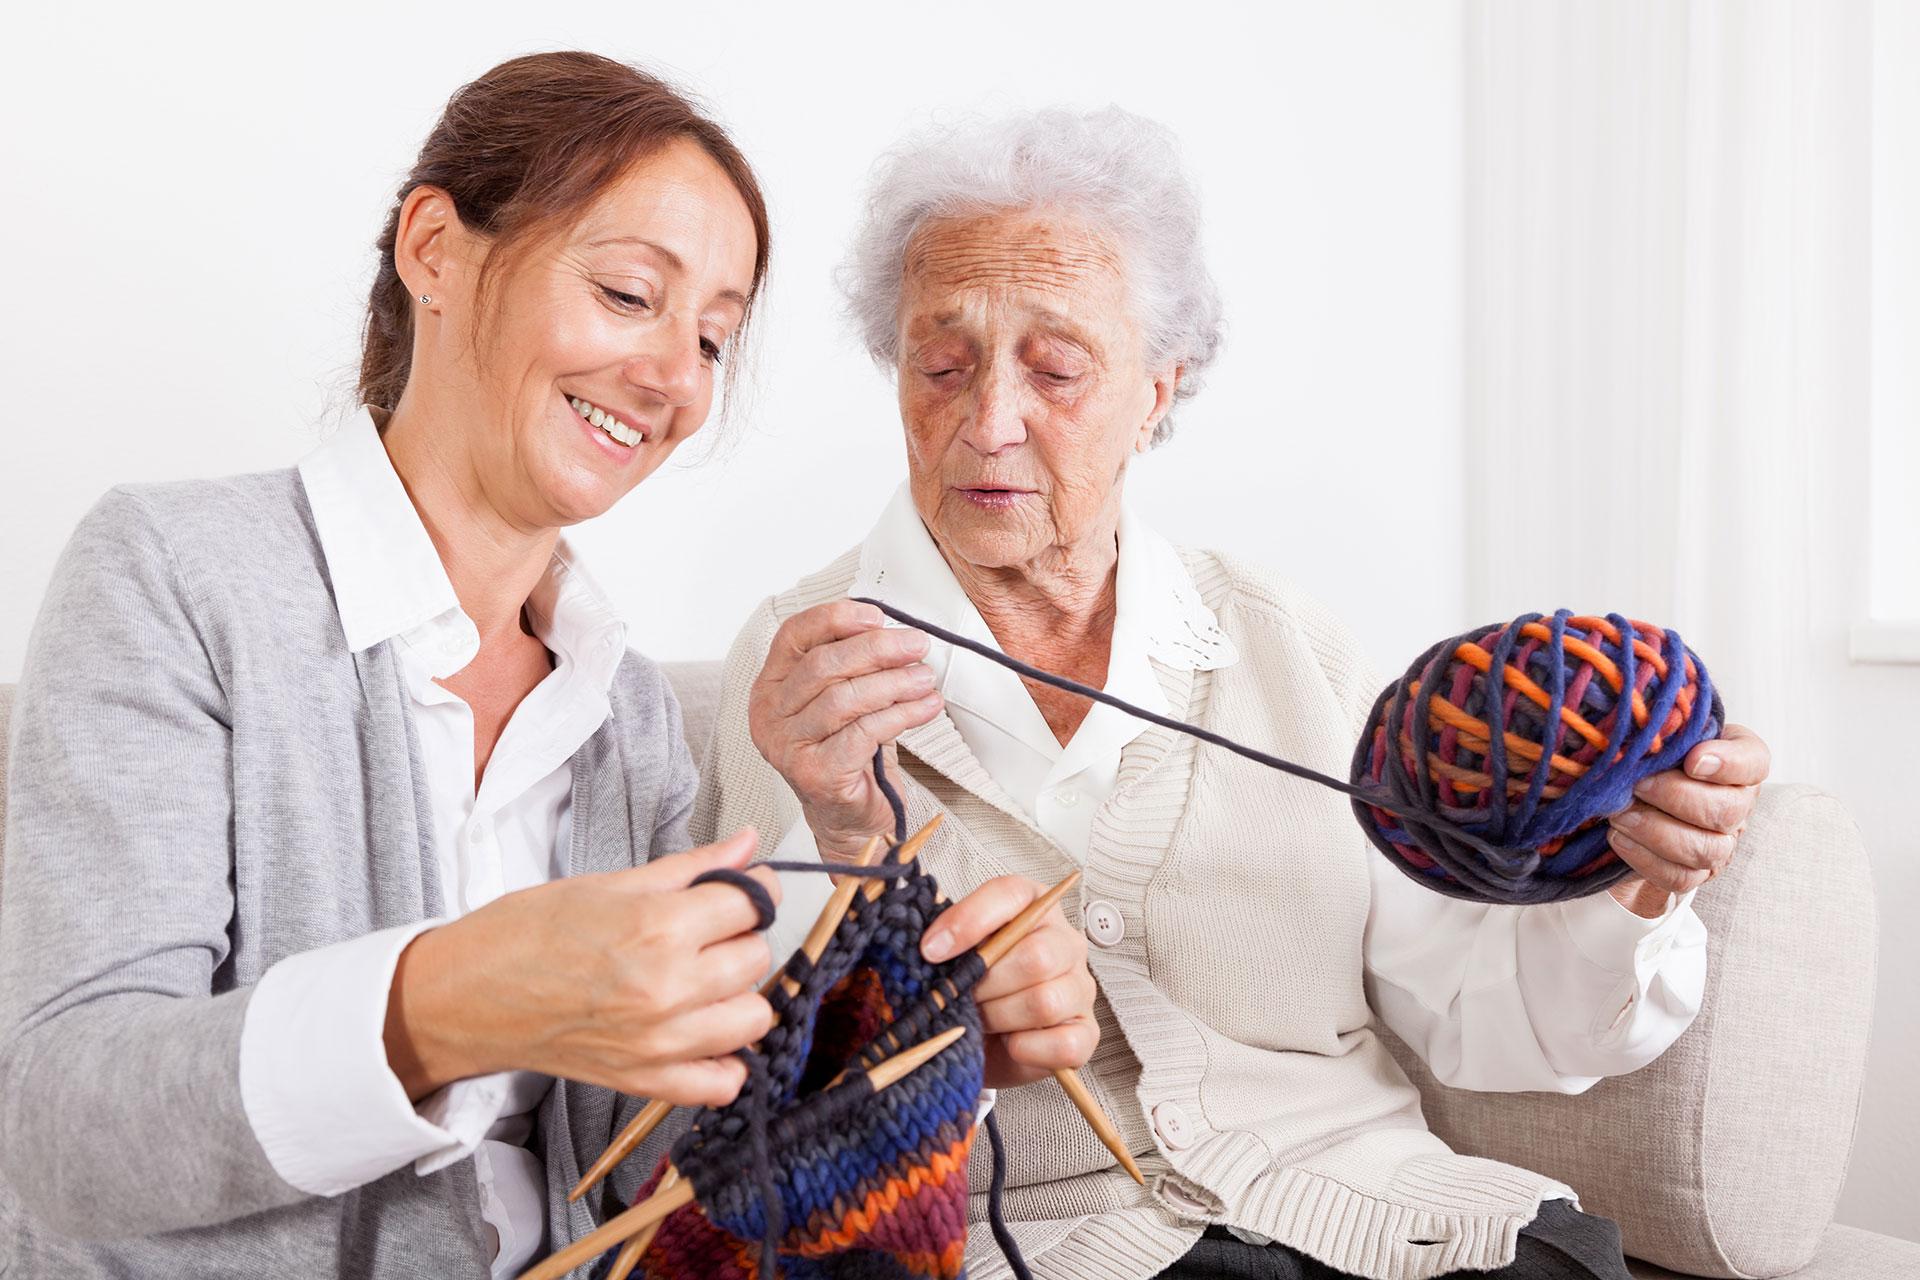 aidant familial et retraite